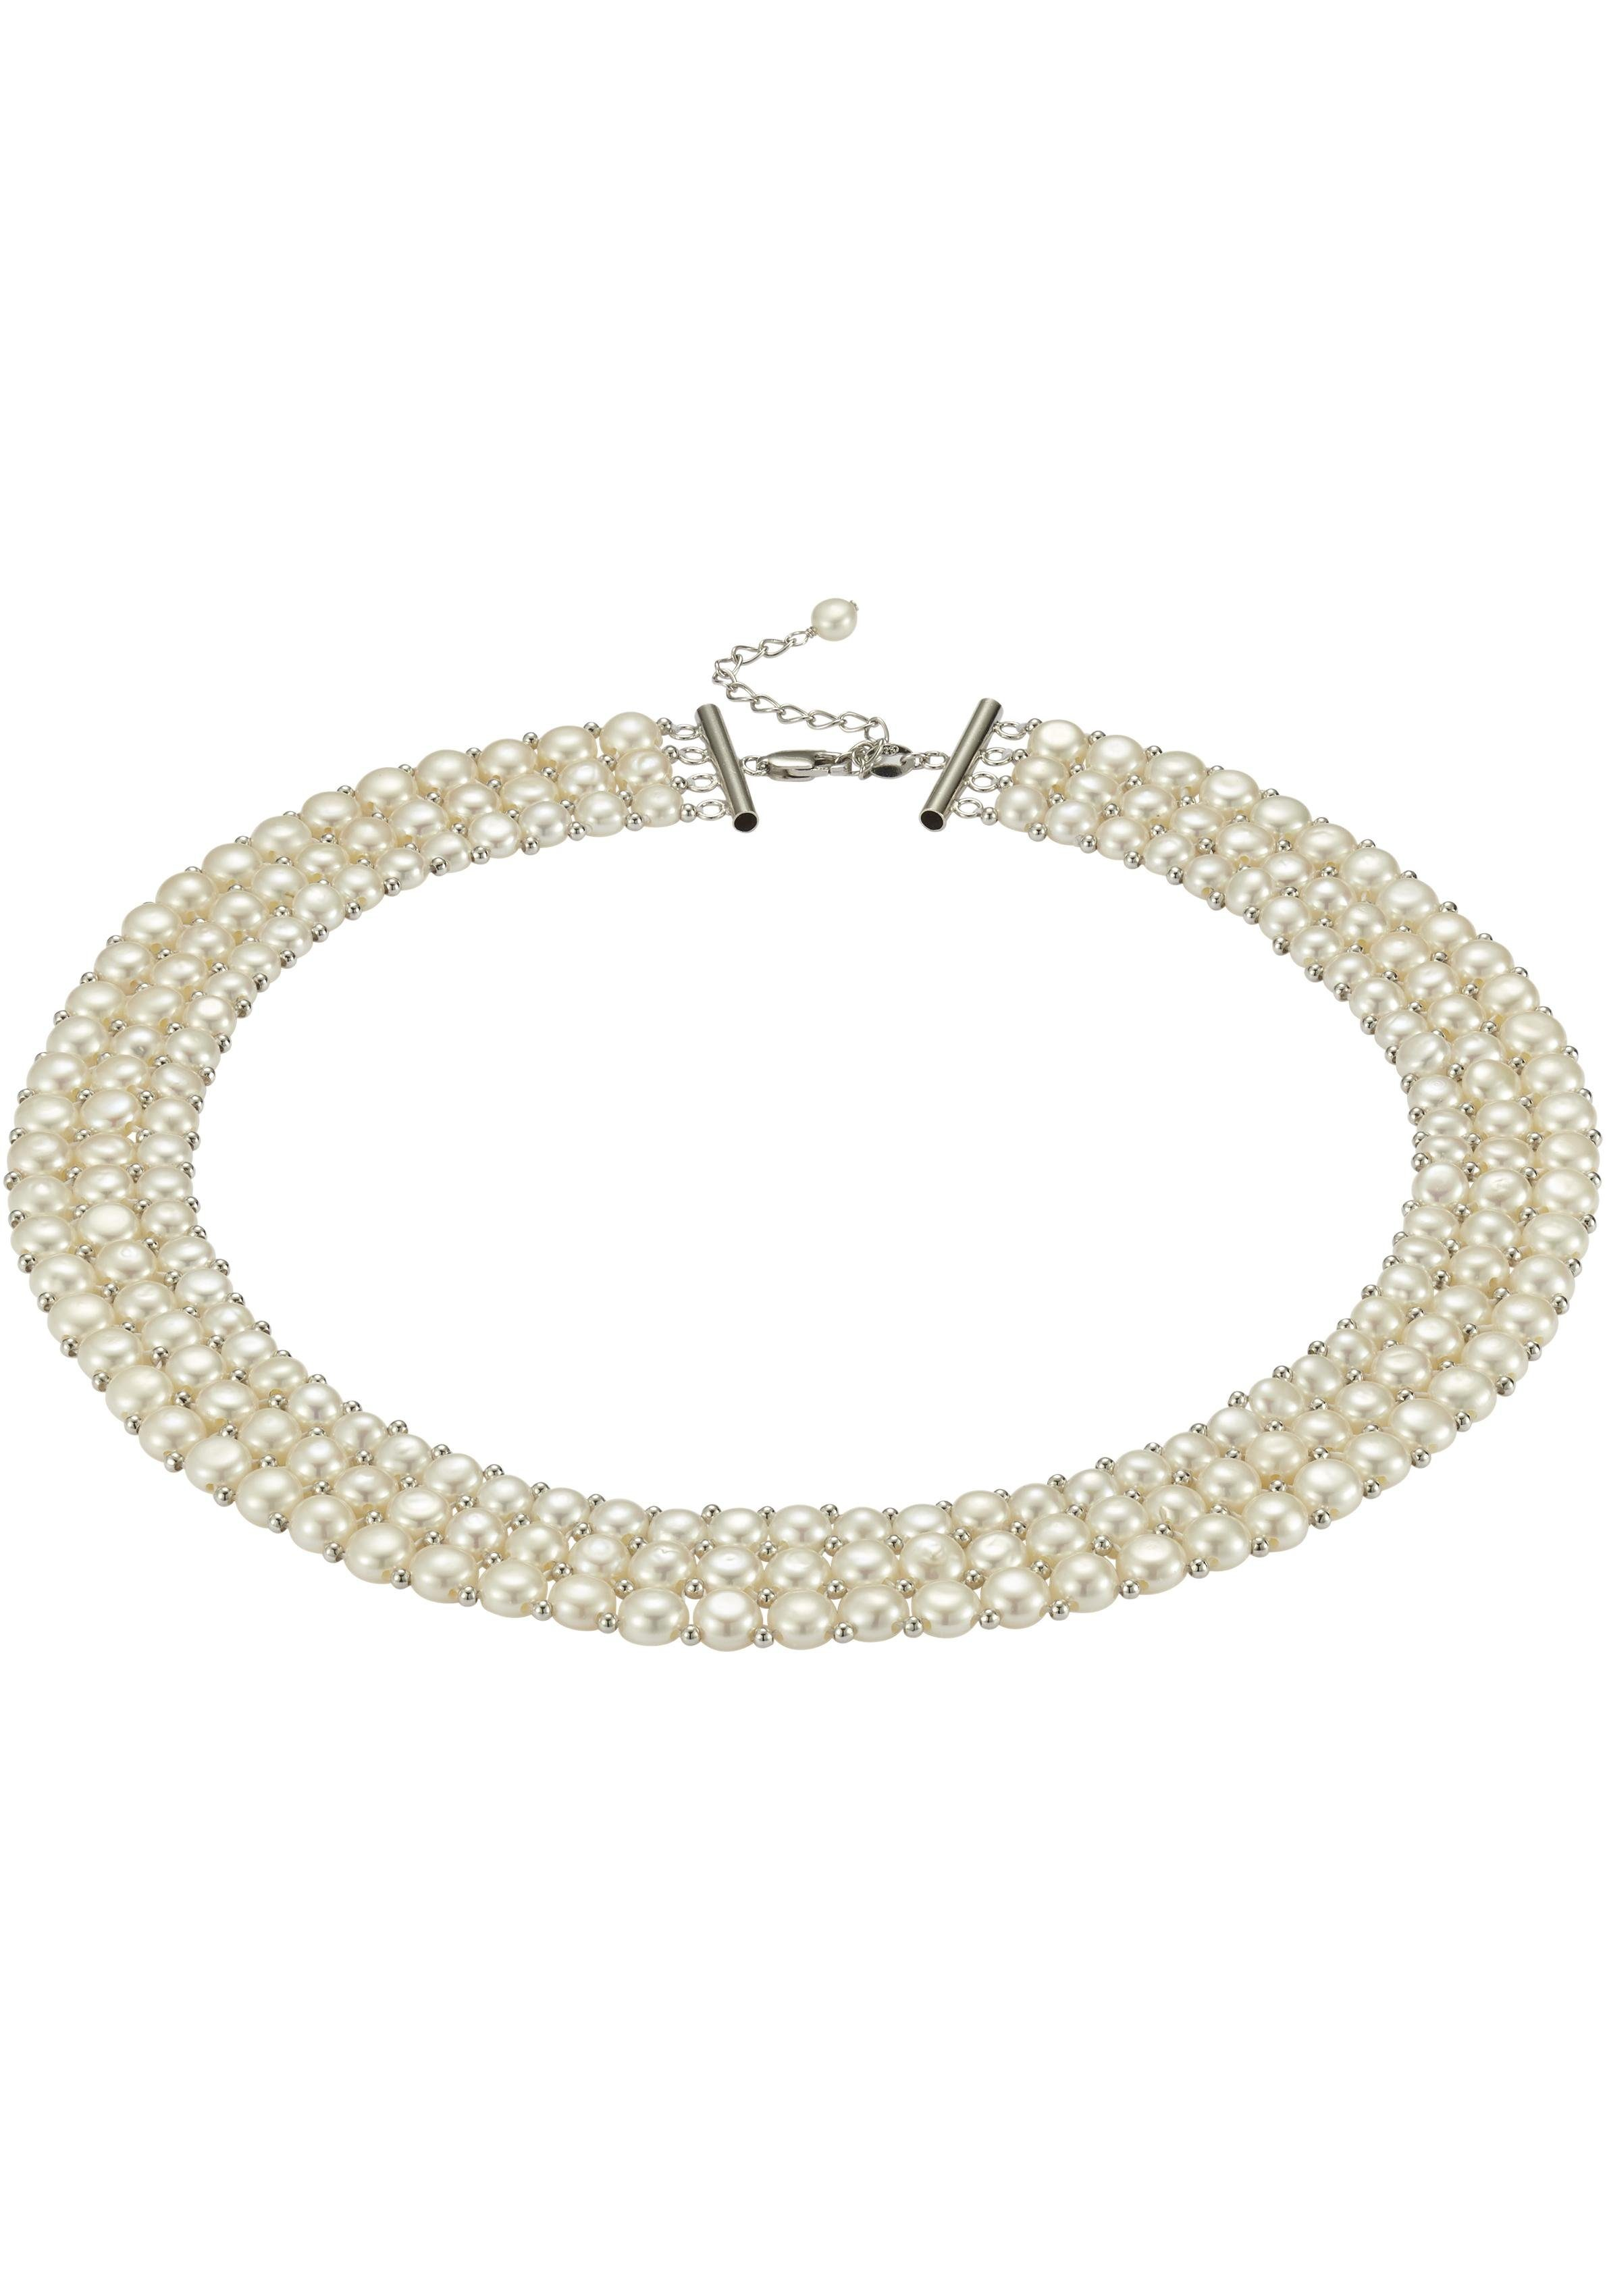 Adriana Perlenkette »La mia perla, A106«, mit Süßwasserzuchtperlen